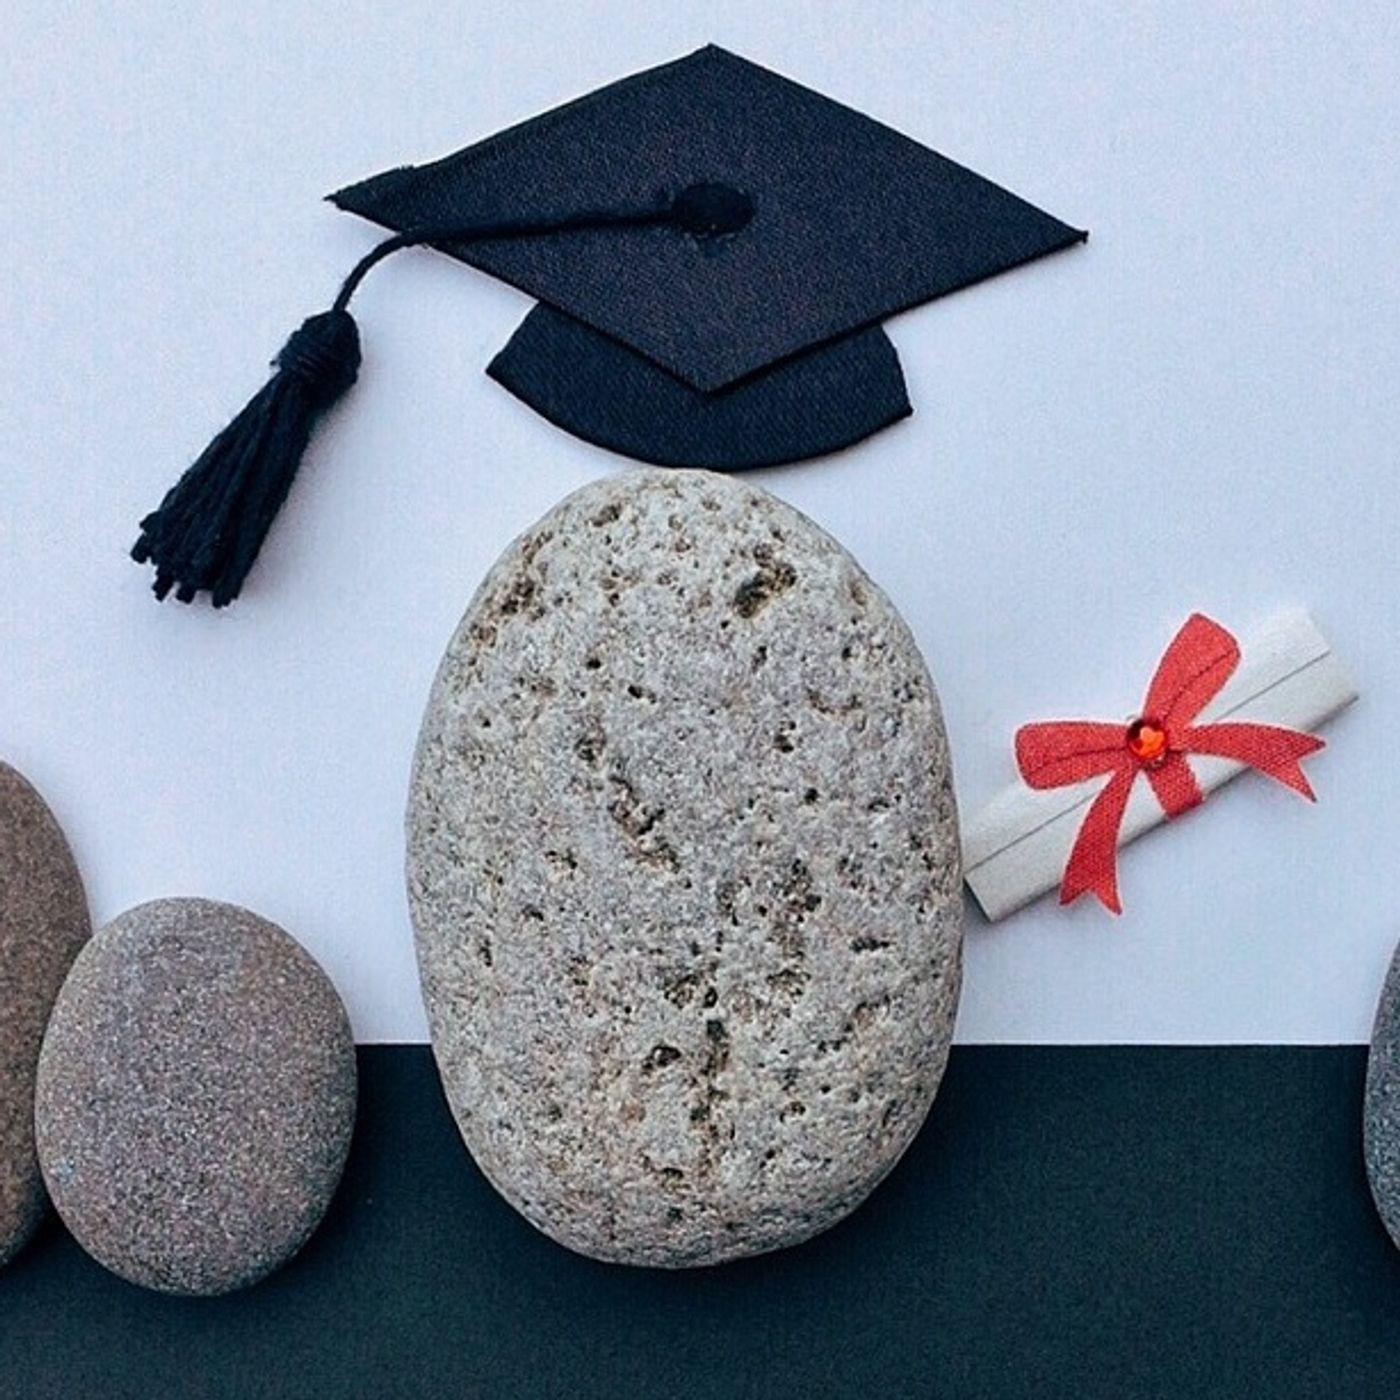 343- 4 ore di studio per laurearti: motivazione e consistenza per i tuoi obiettivi!